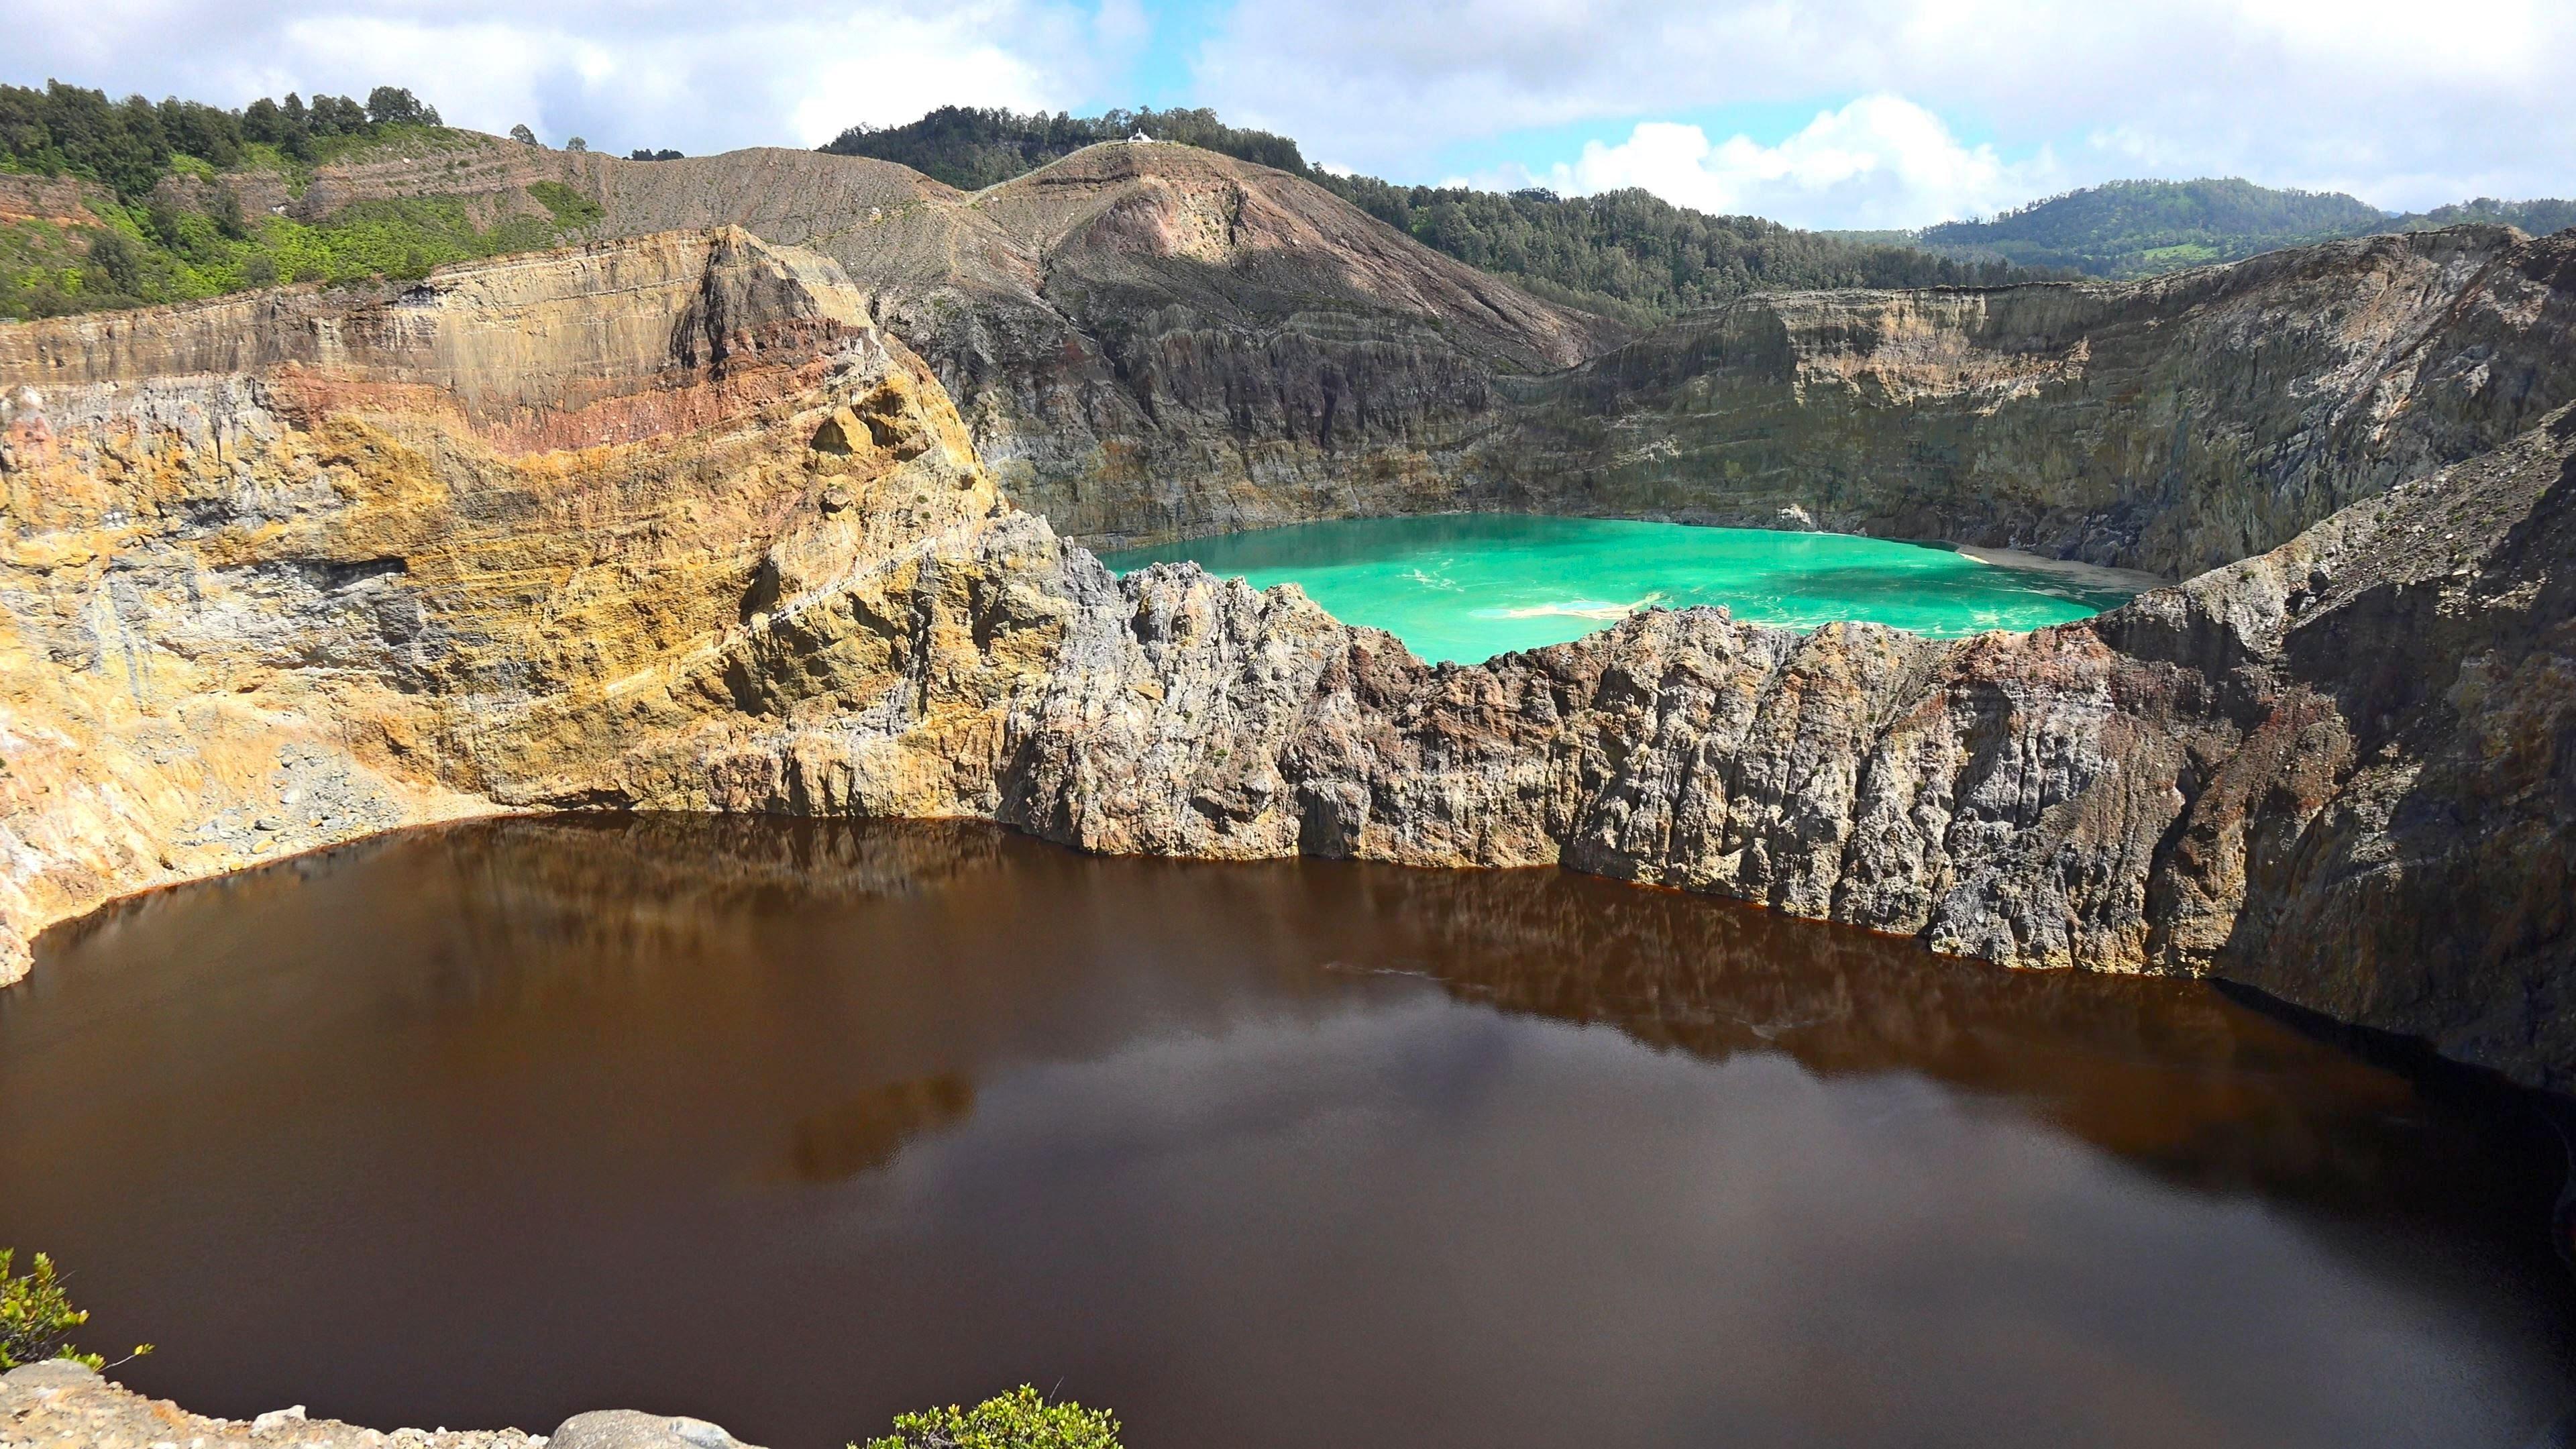 Imagen de los Lagos tricolores en el Monte Kelimutu, Flores